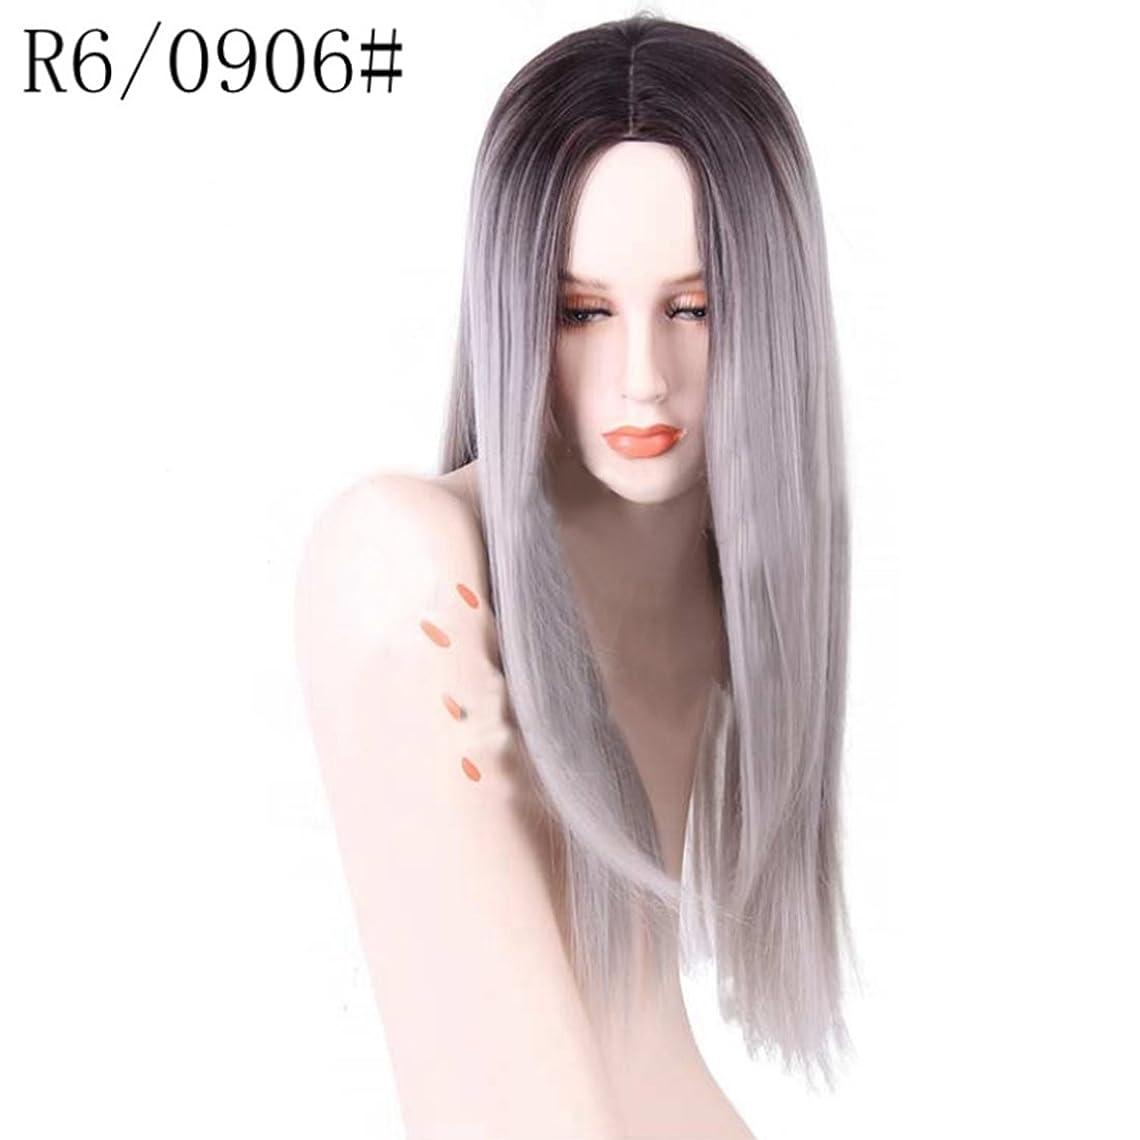 文芸シュガースペースDoyvanntgo 女性のための高温ウィッグフラットバンズウィッグの長いストレートヘア26inchの長さの自然な色のグラデーション (Color : R2/0906)